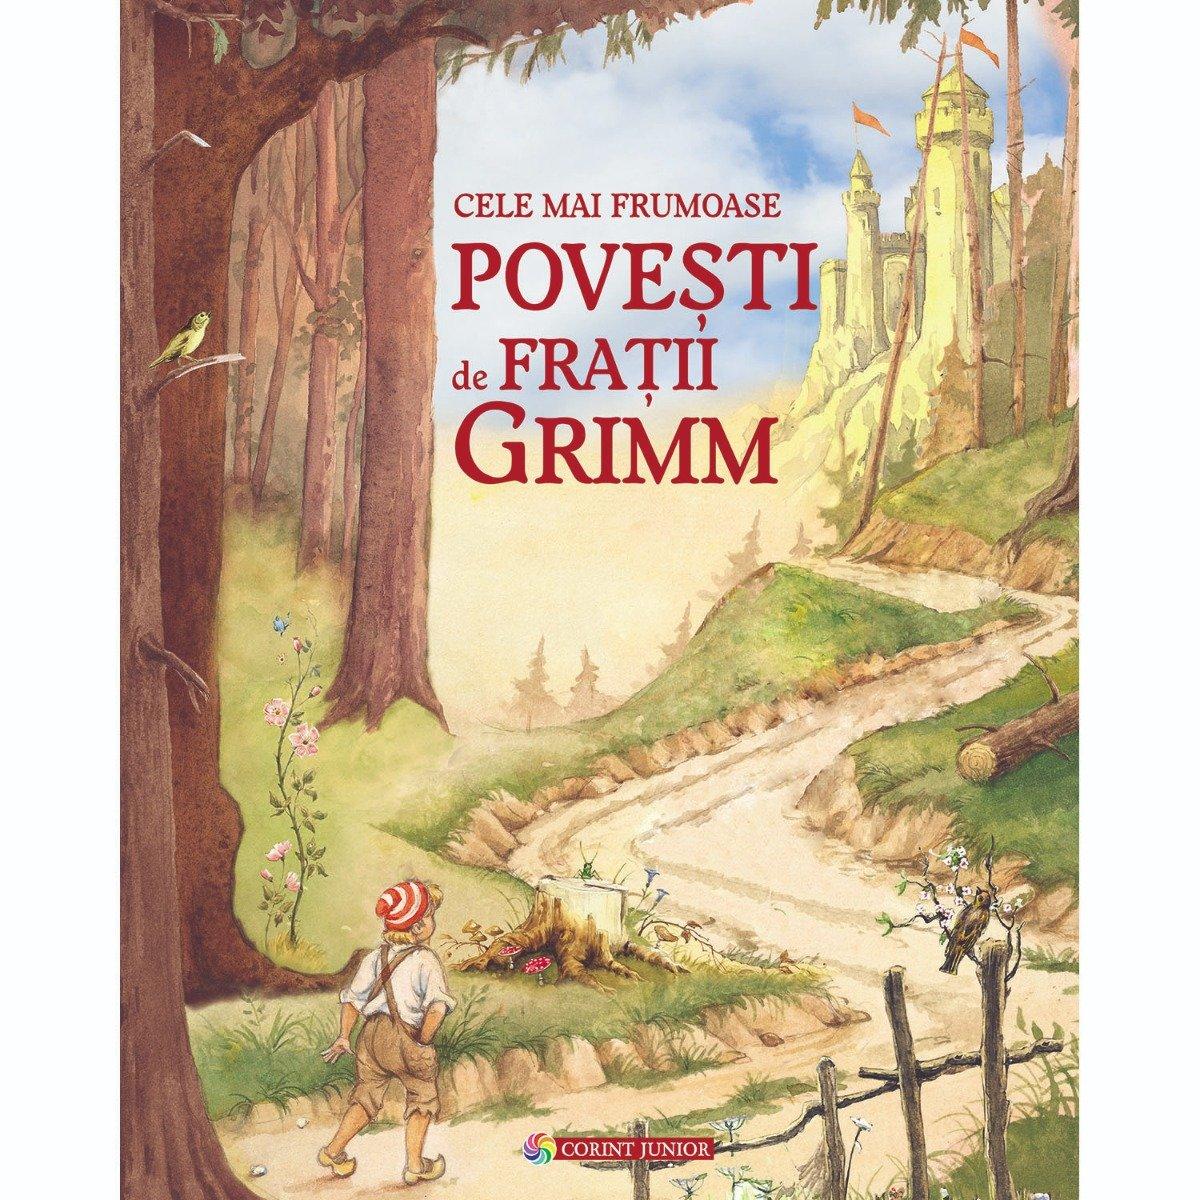 Carte Editura Corint, Cele mai frumoase povesti de Fratii Grimm